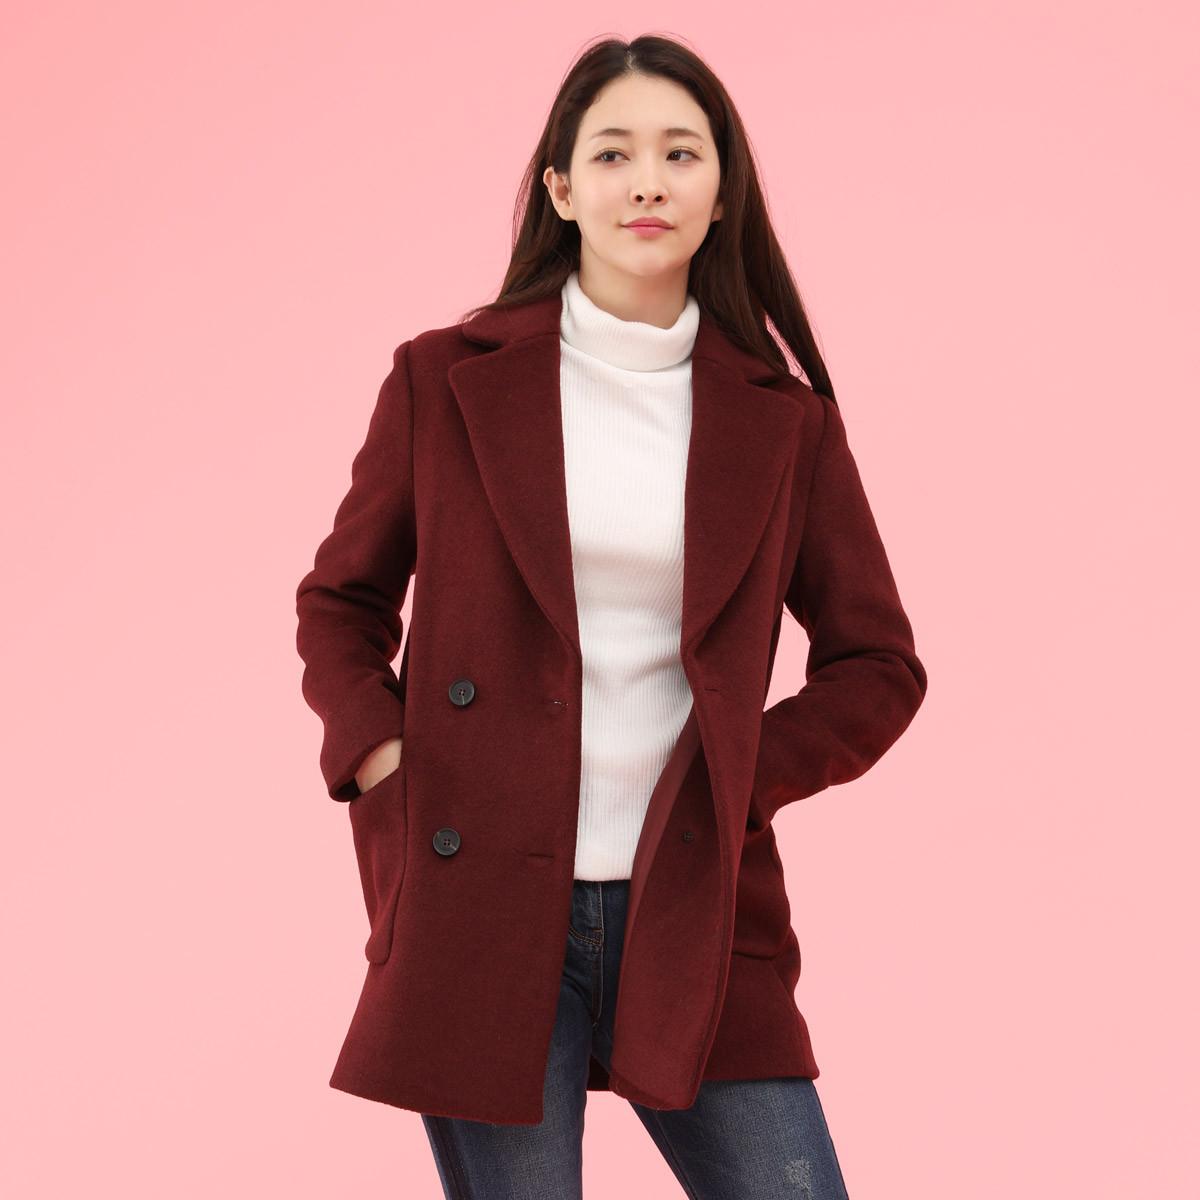 soupSOUP 韩版翻领短款双排扣纯色冬季必备款经典羊毛大衣外套STAJK32BBU